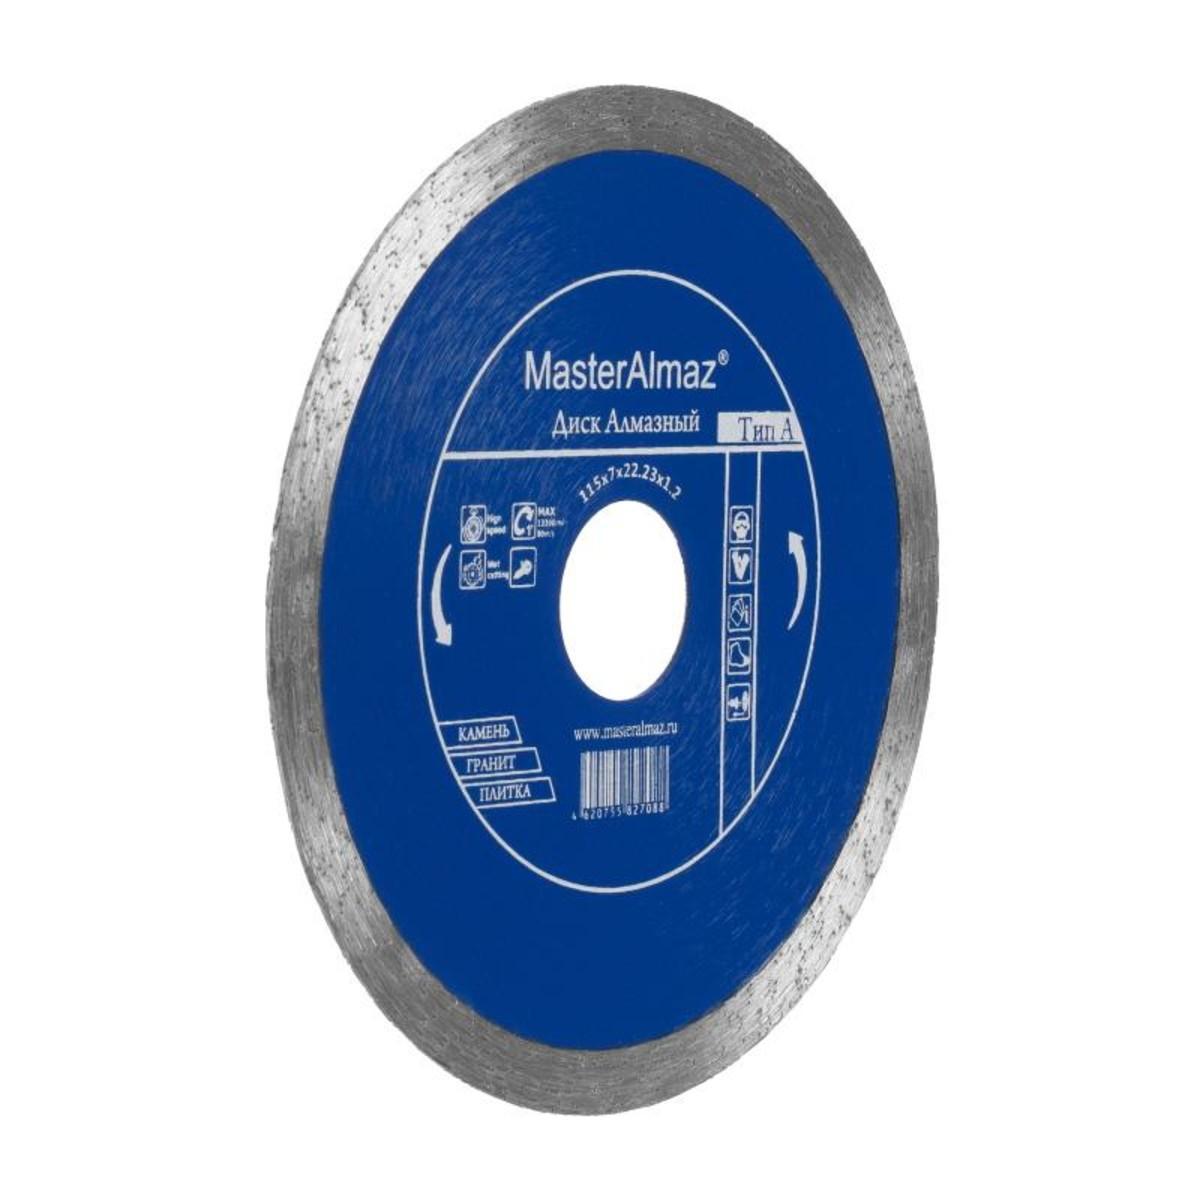 Диск Алмазный Мастералмаз Pro (Тип А) 150Х7Х2223Х16 По Камню И Керамике Сплошной